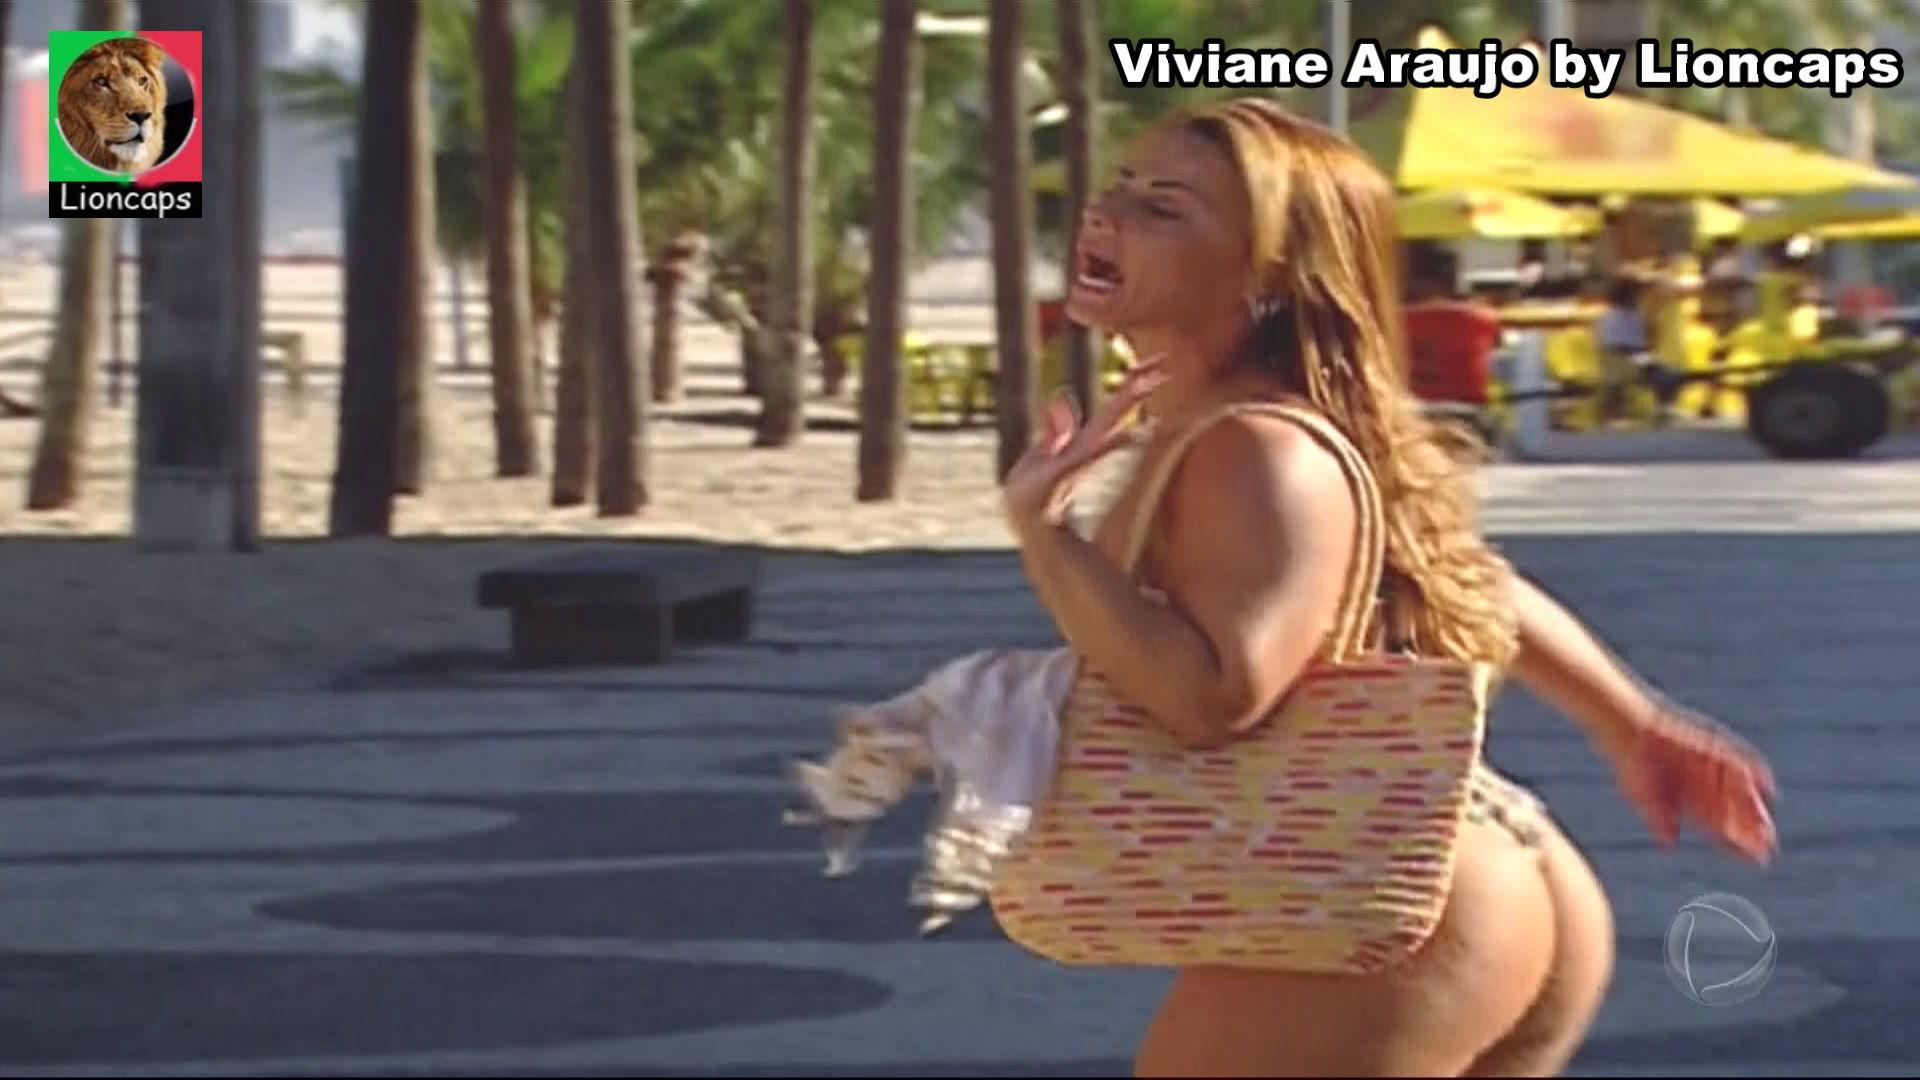 787346341_viviane_araujo_bela_vs190305_05715_122_590lo.JPG